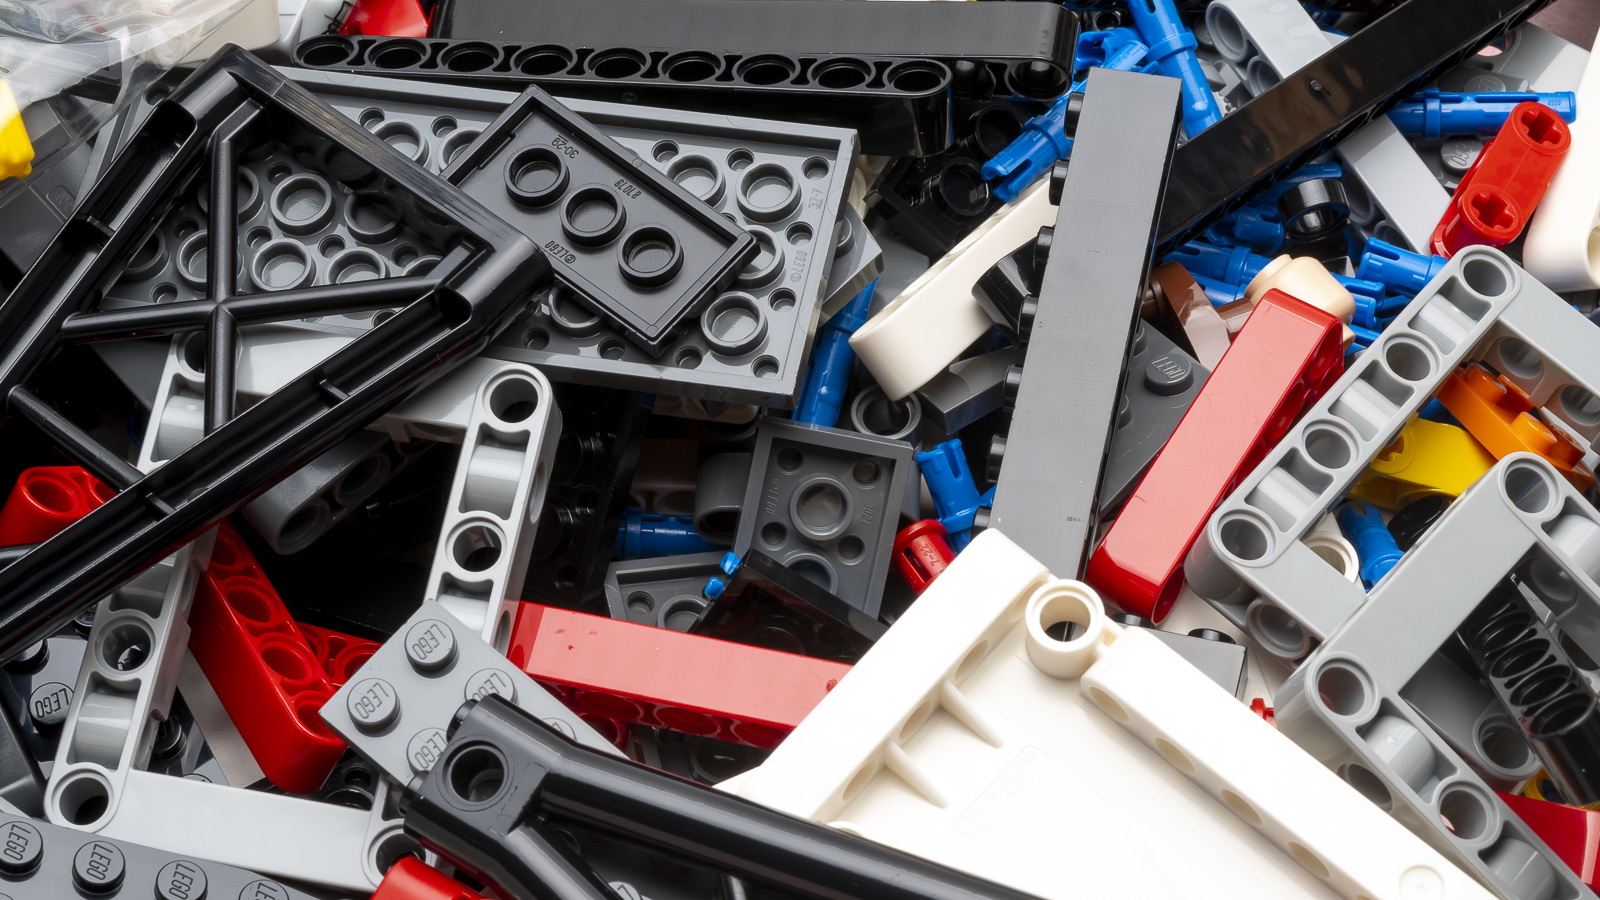 全長1mオーバー、LEGOで組む巨大なスター・デストロイヤーに本物の「優しさ」を感じた話_b0029315_17544642.jpg